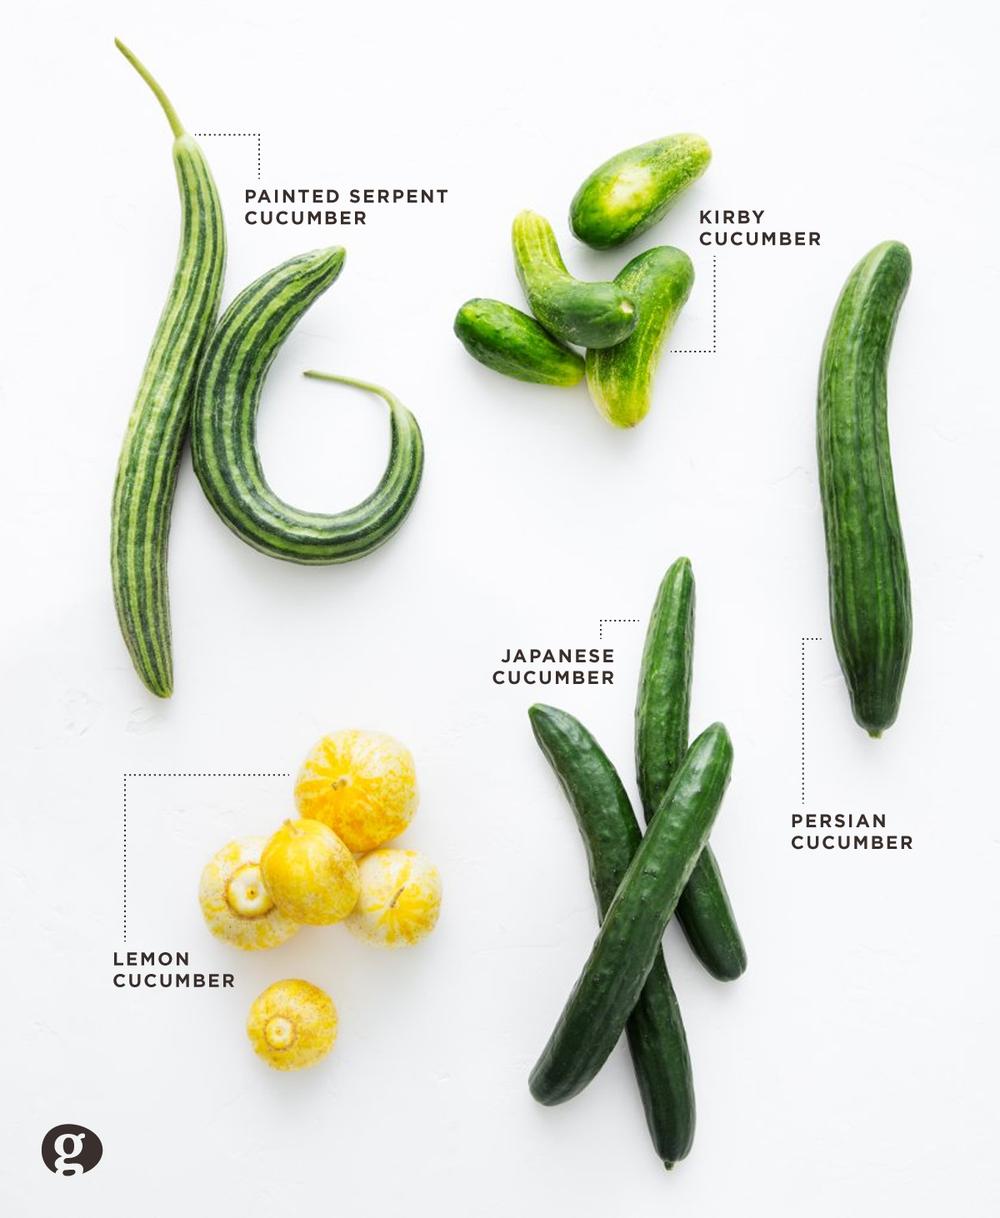 cucumber-varieties-good-eggs.png